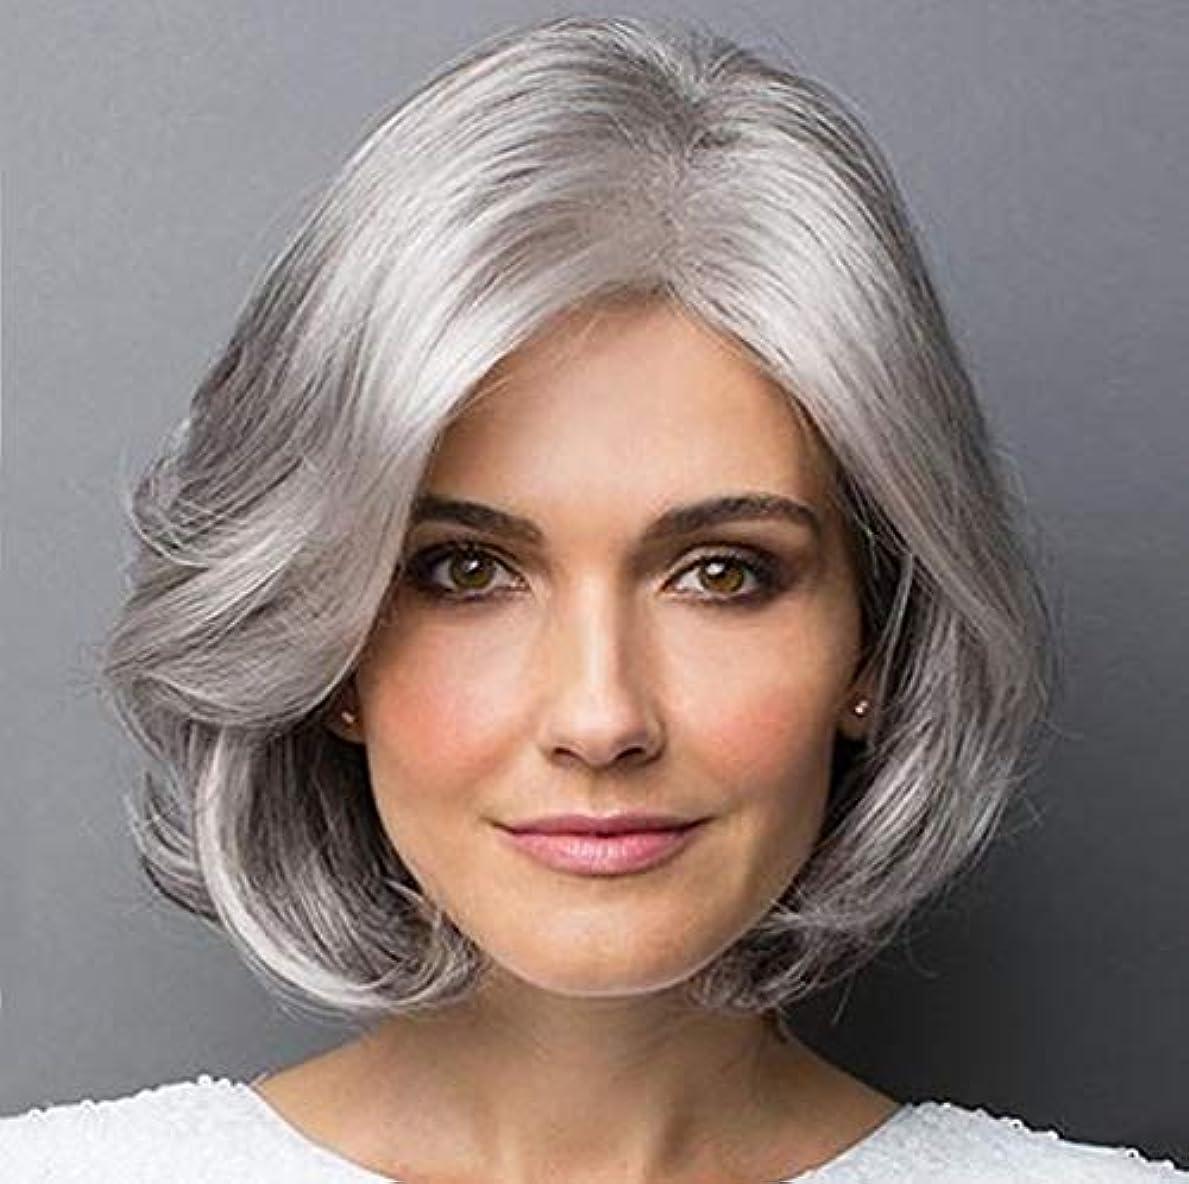 ピーク彼時期尚早女性かつらブラジルおばあちゃんの髪耐熱合成短い絹のようなパーティーヘアウィッグライトグレー35 cm